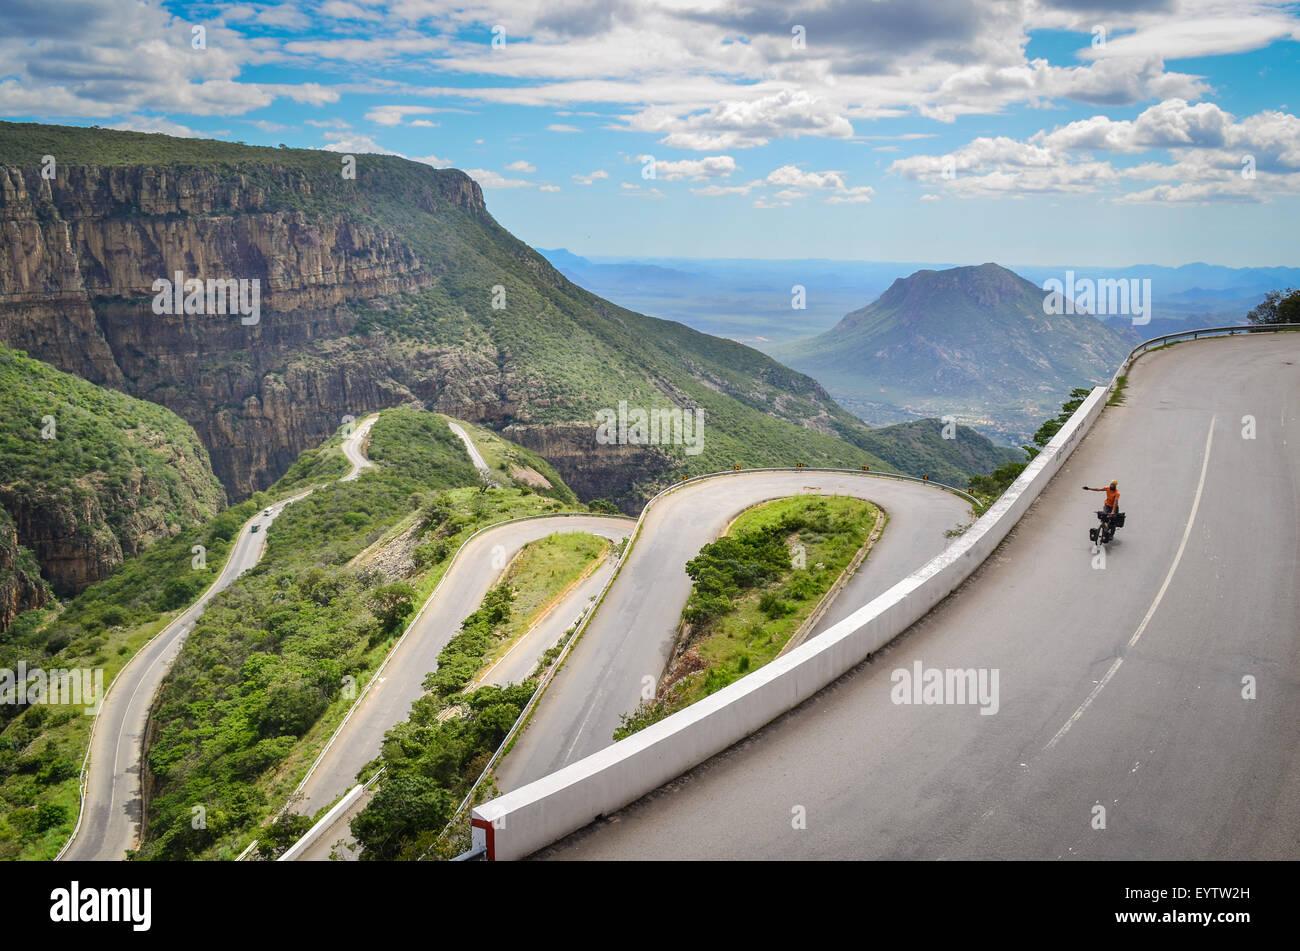 Ciclista en Serra da Leba, una cordillera en Angola con el impresionante Leba carretera de montaña y sus curvas Imagen De Stock